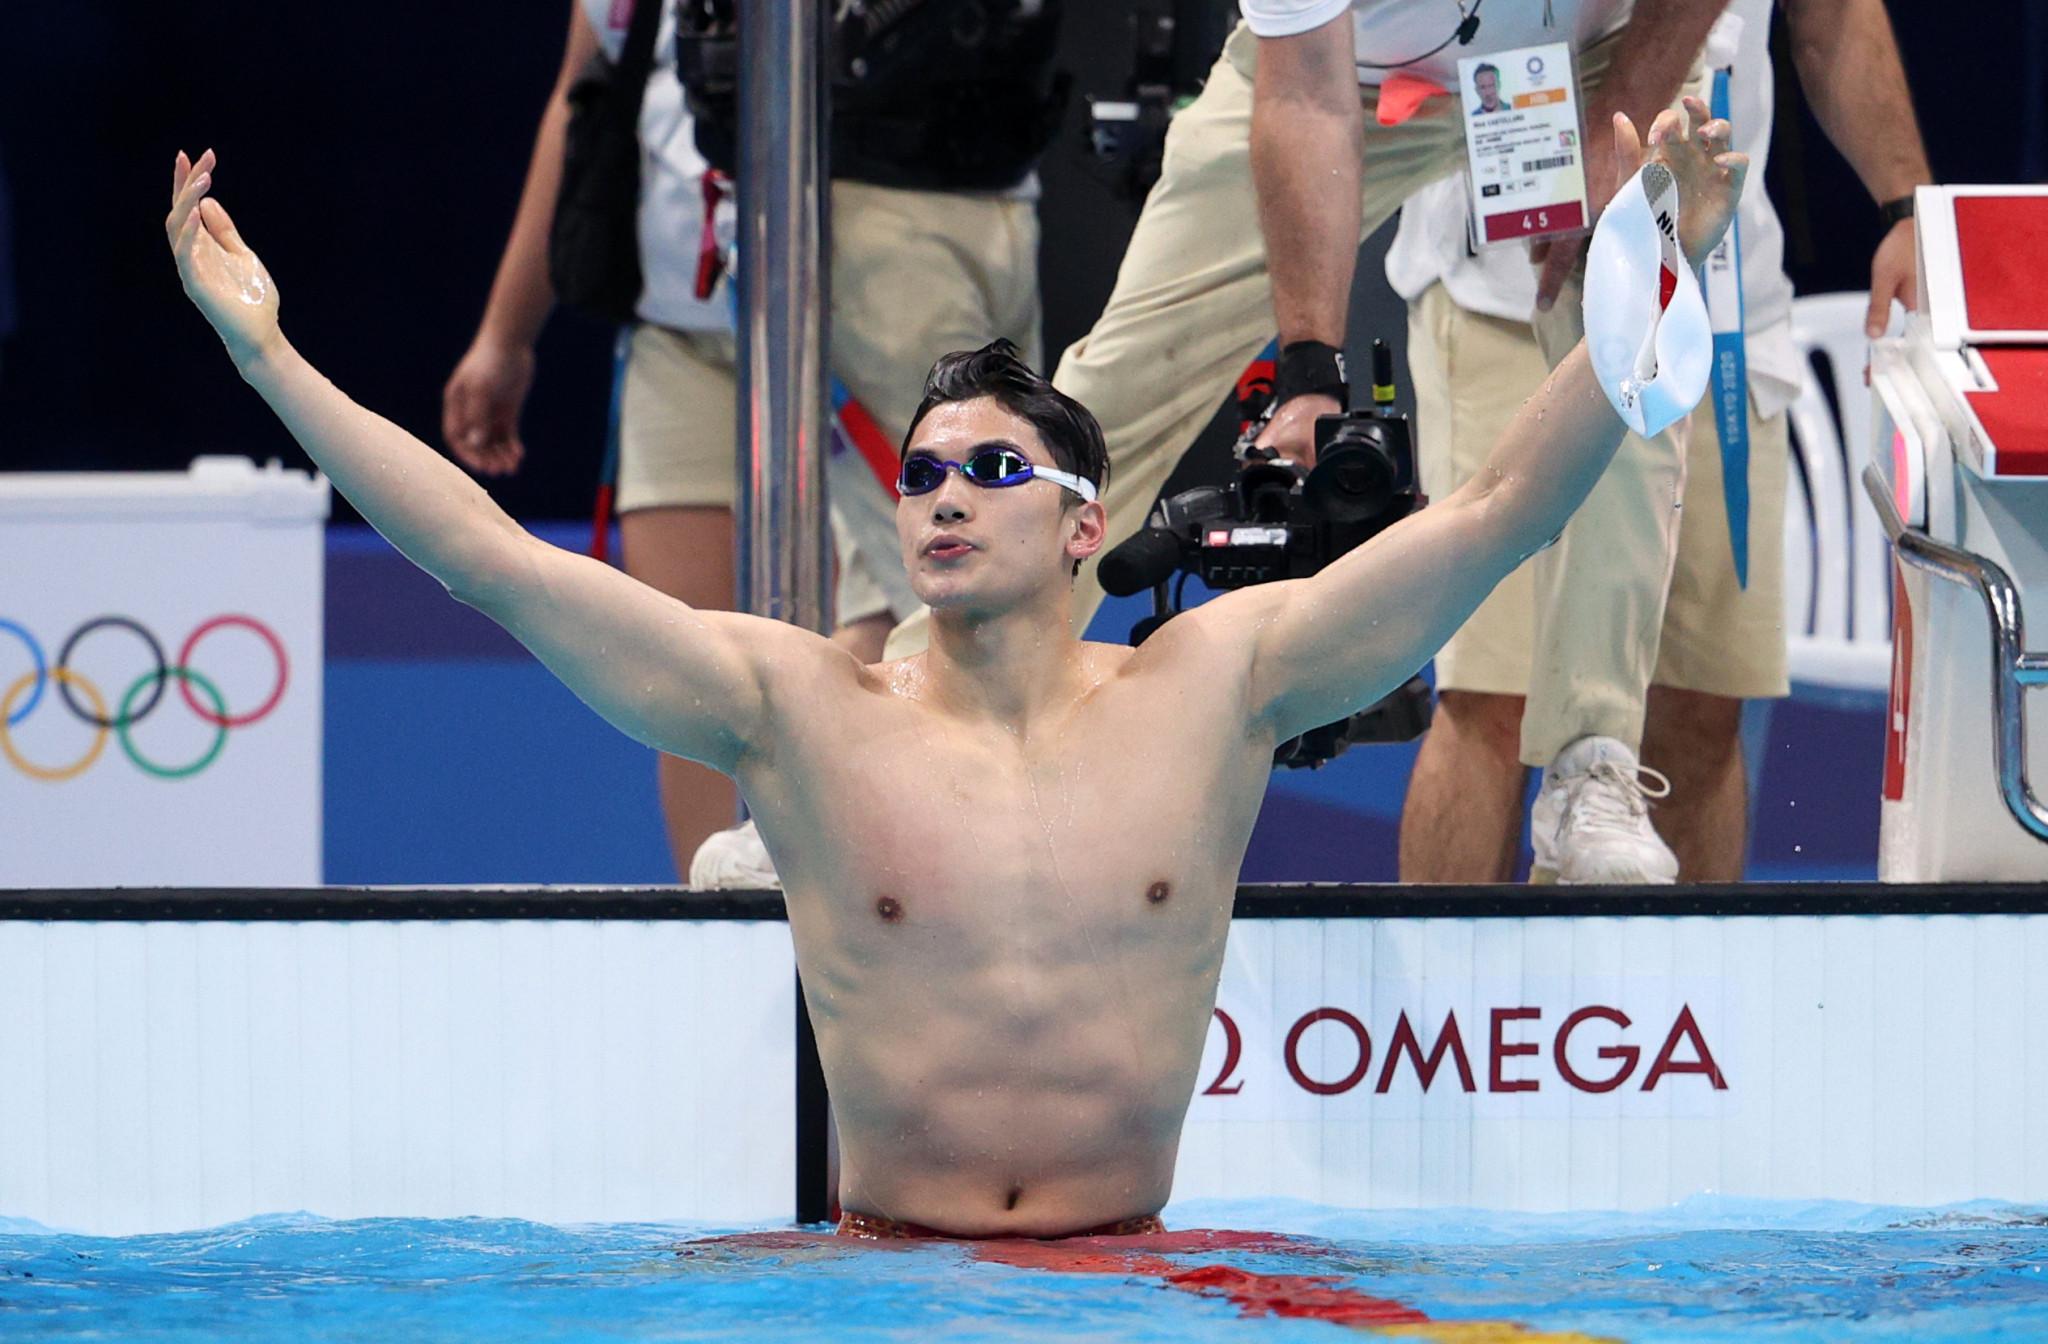 Wang Shun celebrates winning the men's individual 200m medley at Tokyo 2020 ©Getty Images